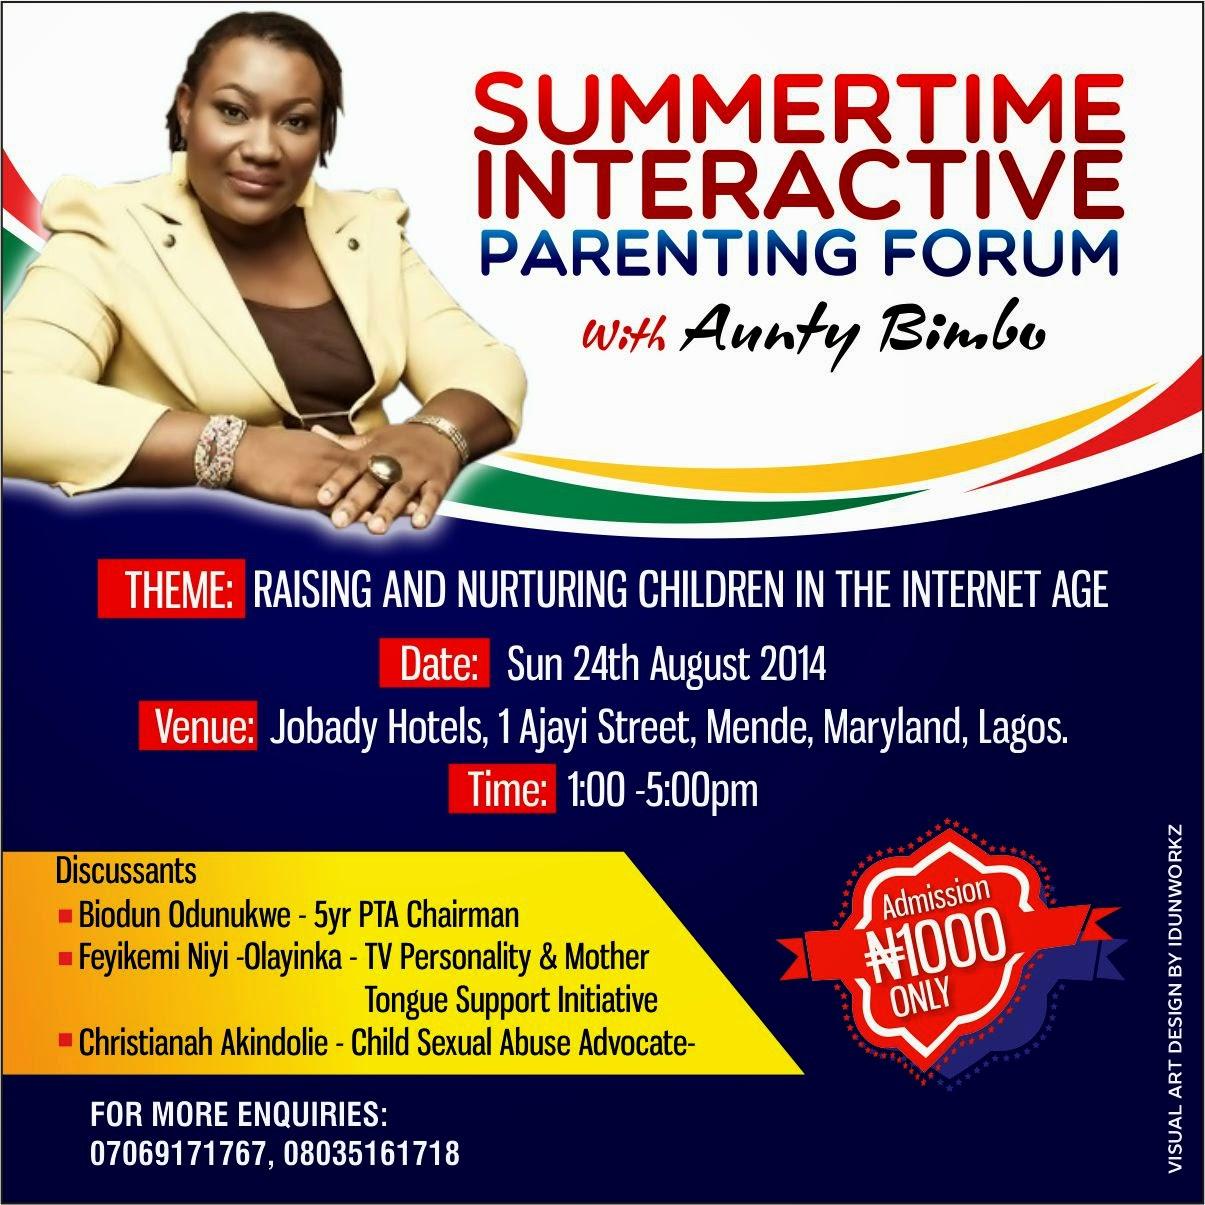 Summertime Interactive Parenting Forum With Aunty Bimbo ( @bimztheory)